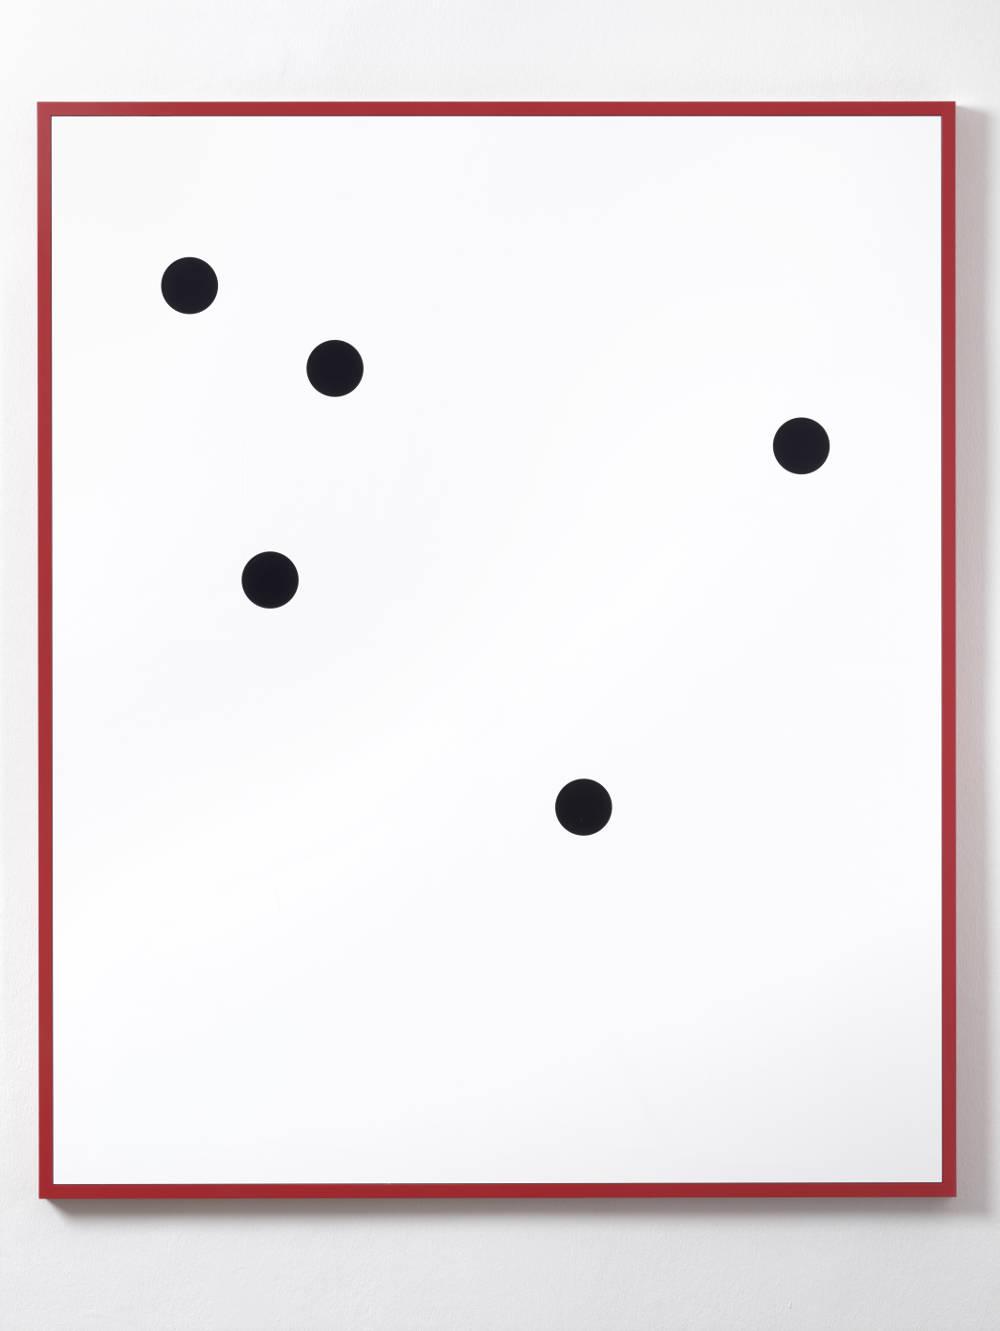 Gerwald Rockenschaub, Untitled (Relief), 2018. Acrylglas, Rahmen NCS S 1085-Y90R 150 x 125 cm (59,06 x 49,21 in) Courtesy Galerie Thaddaeus Ropac, London / Paris / Salzburg © Gerwald Rockenschaub. Photo: Ben Westoby